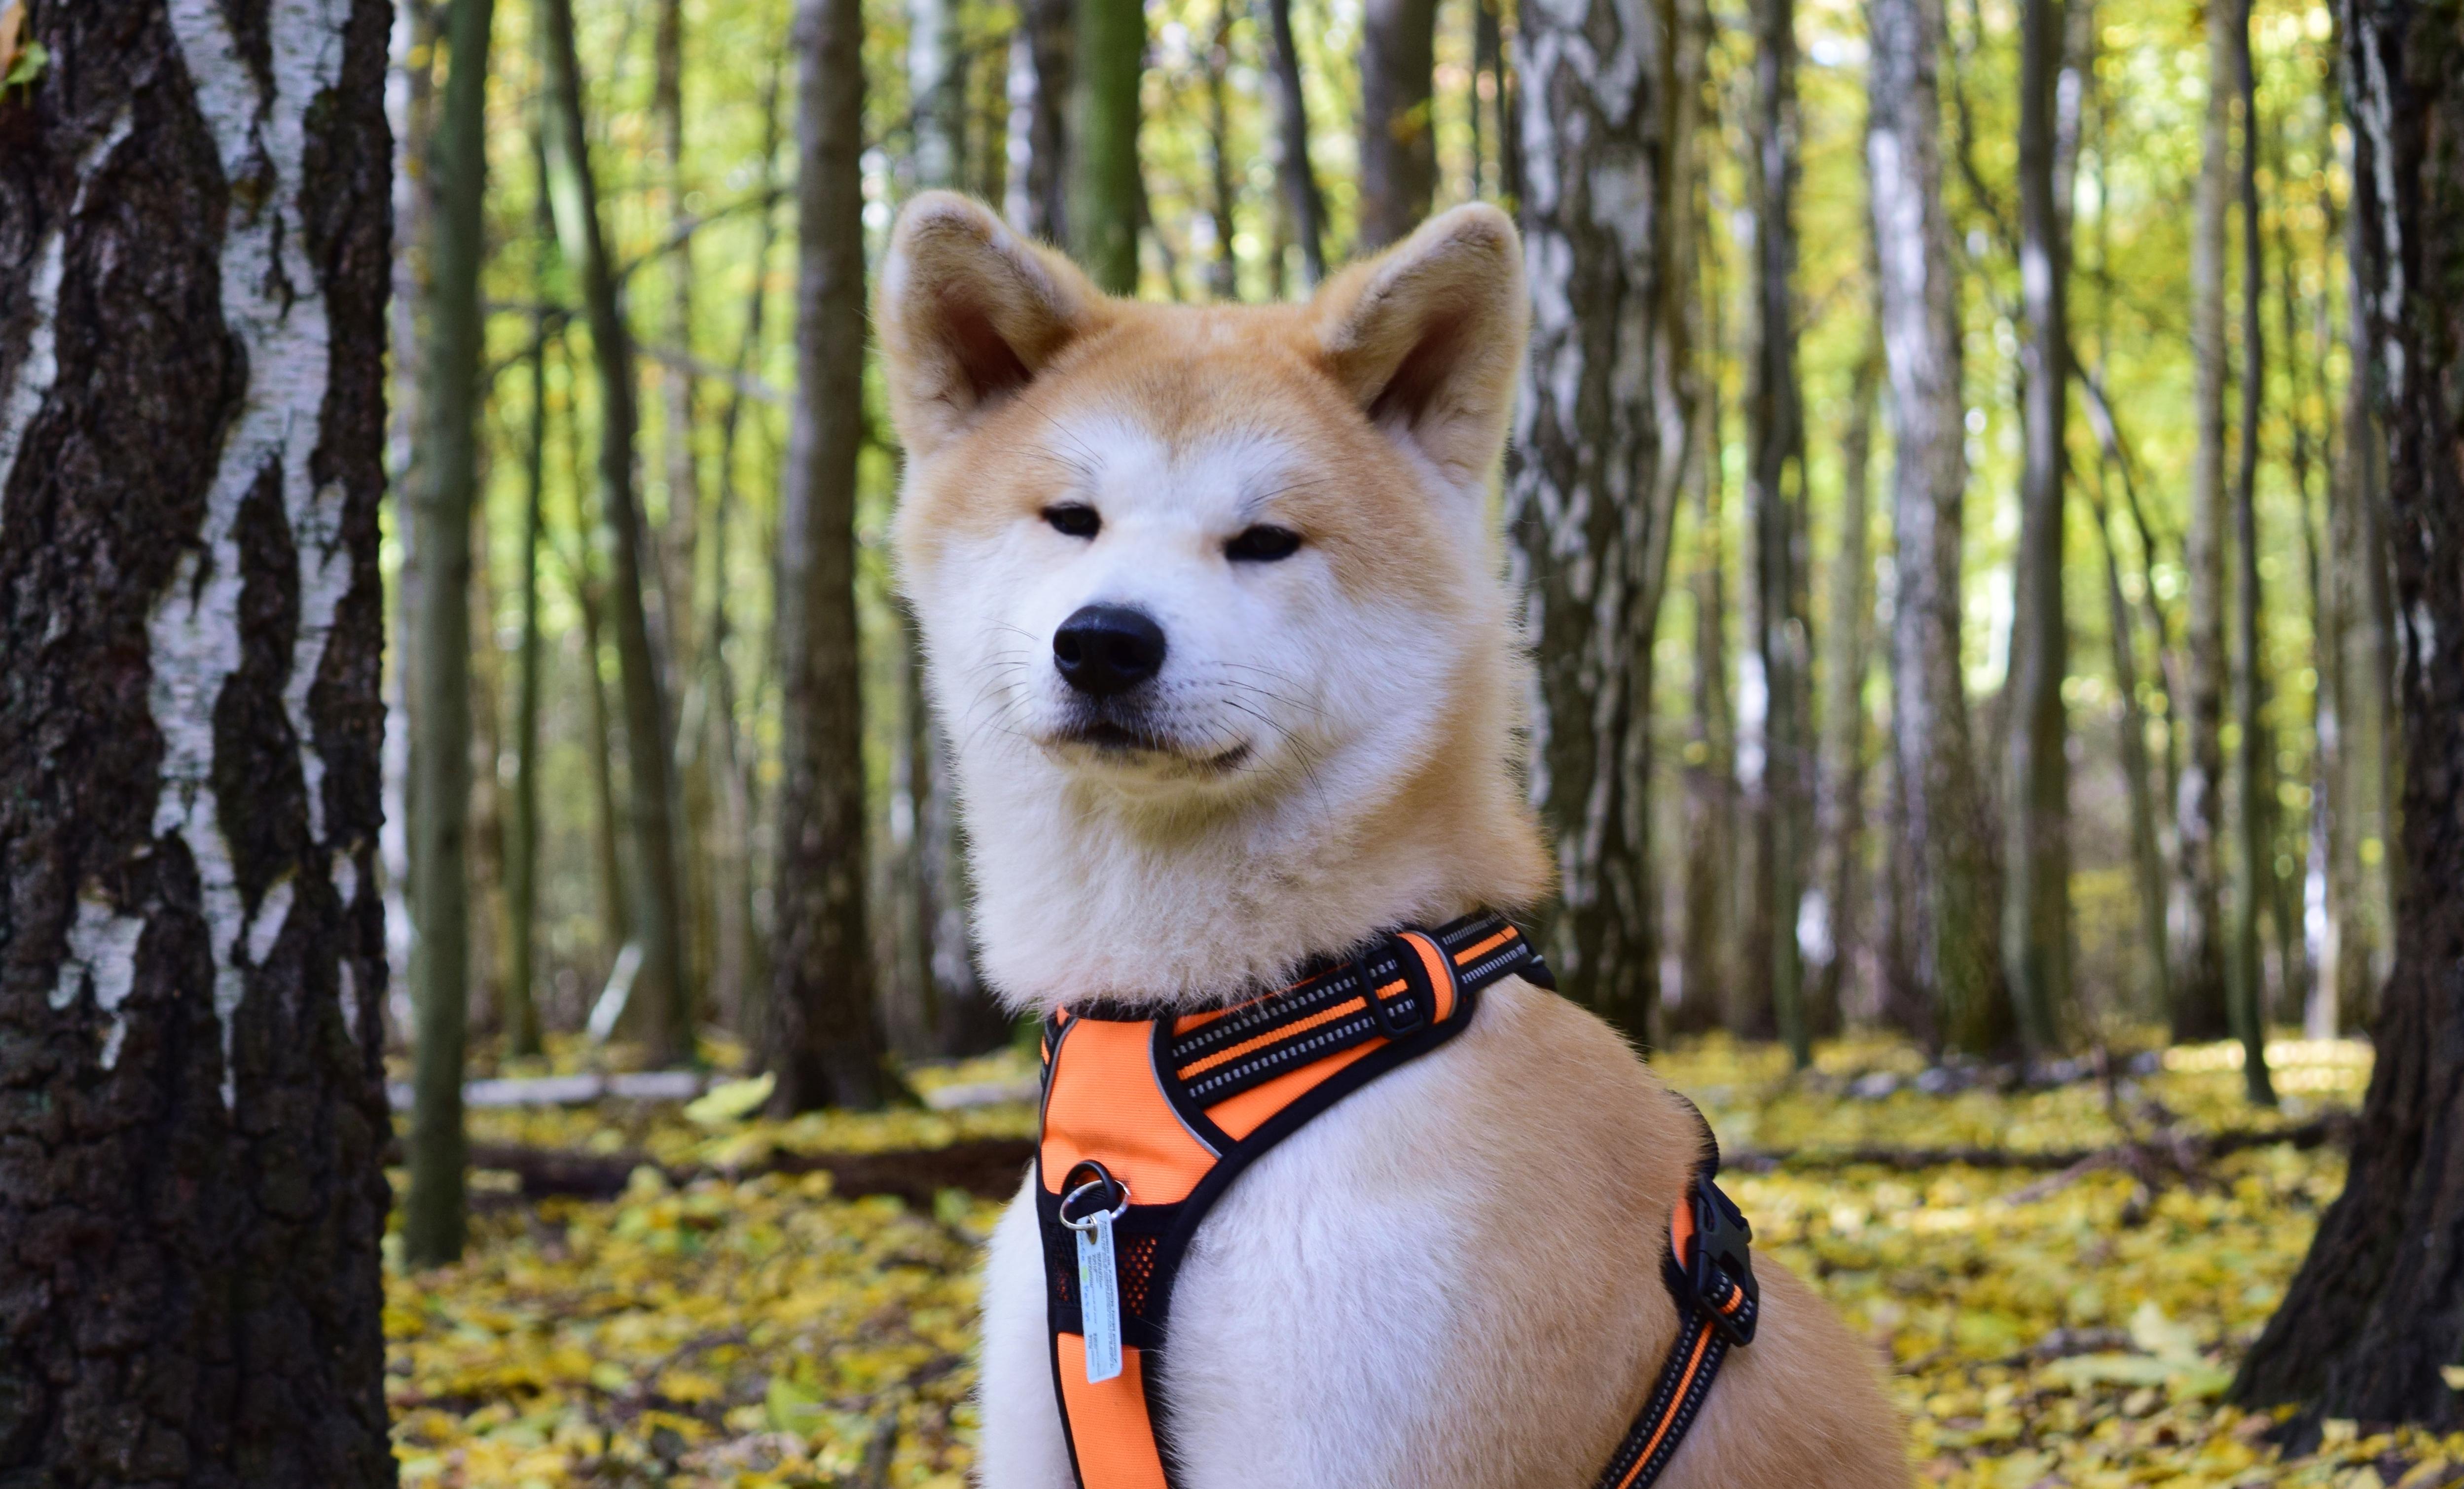 Co pies na październik?